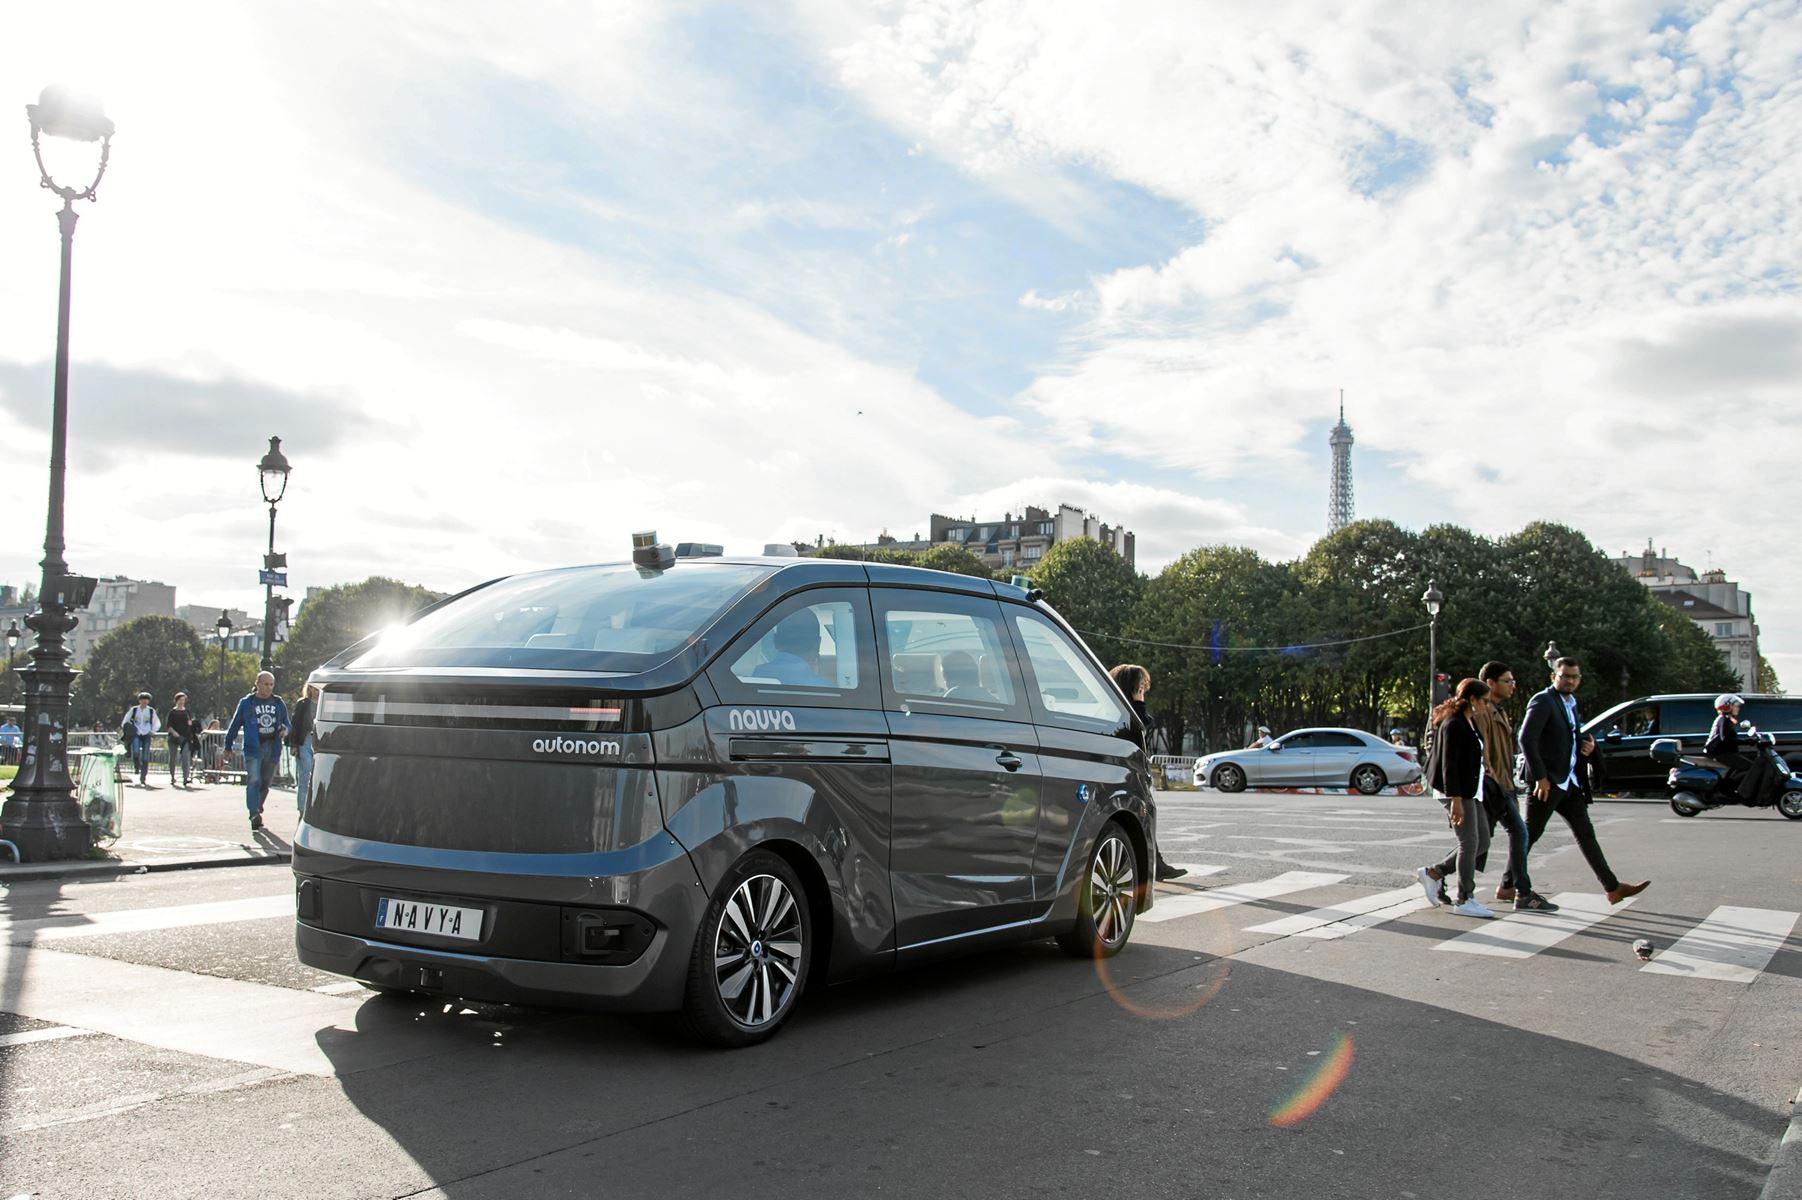 Franske Navya klar til at vise en eldrevet, selvkørende sekspersoners bil